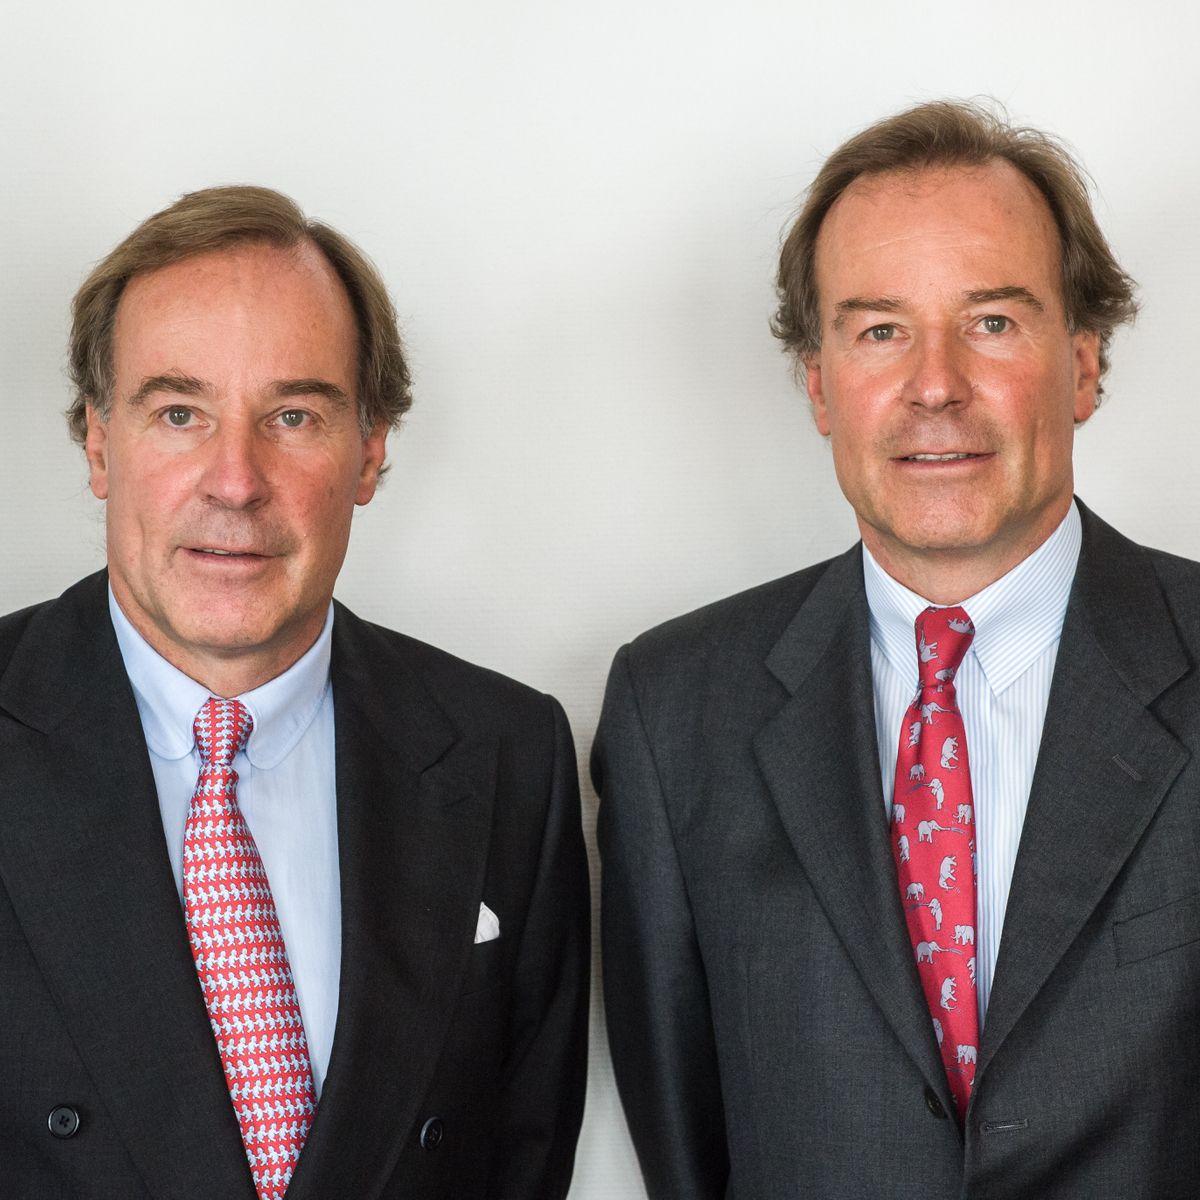 Steuerfahnder Ermitteln Gegen Thomas Und Andreas Strungmann Manager Magazin